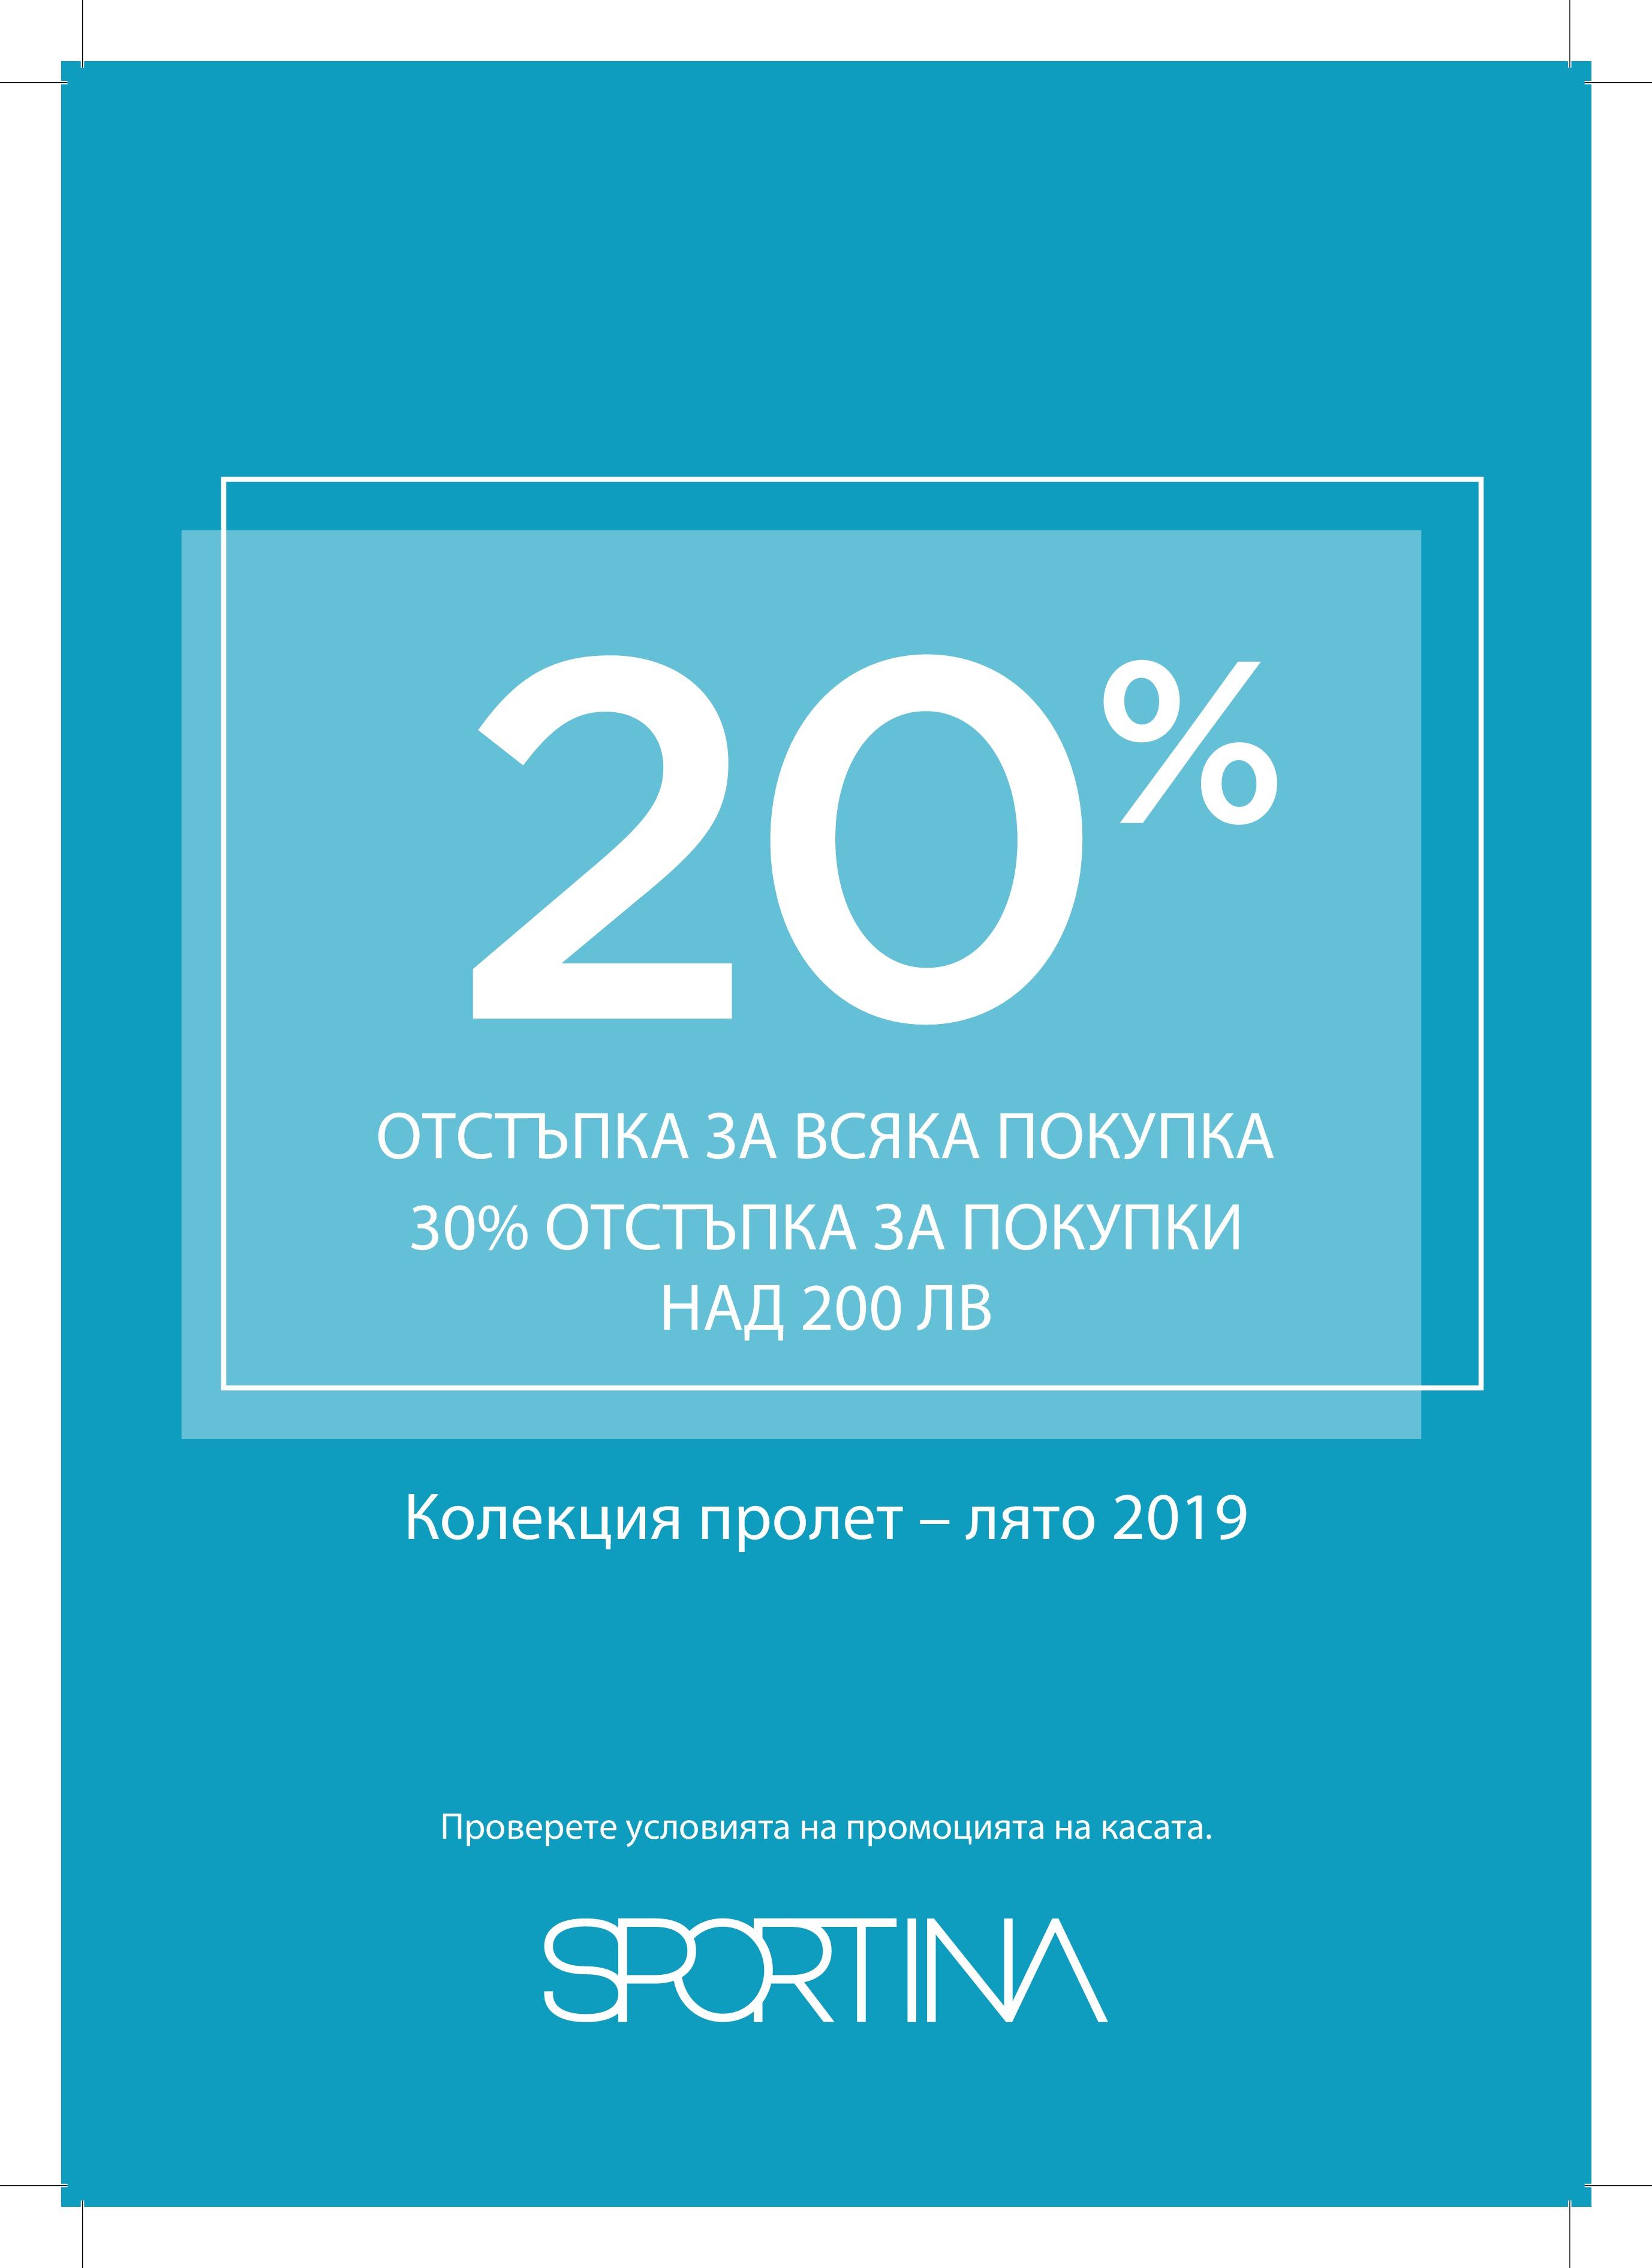 Възползвайте се от специалното предложение на магазин SPORTINA!